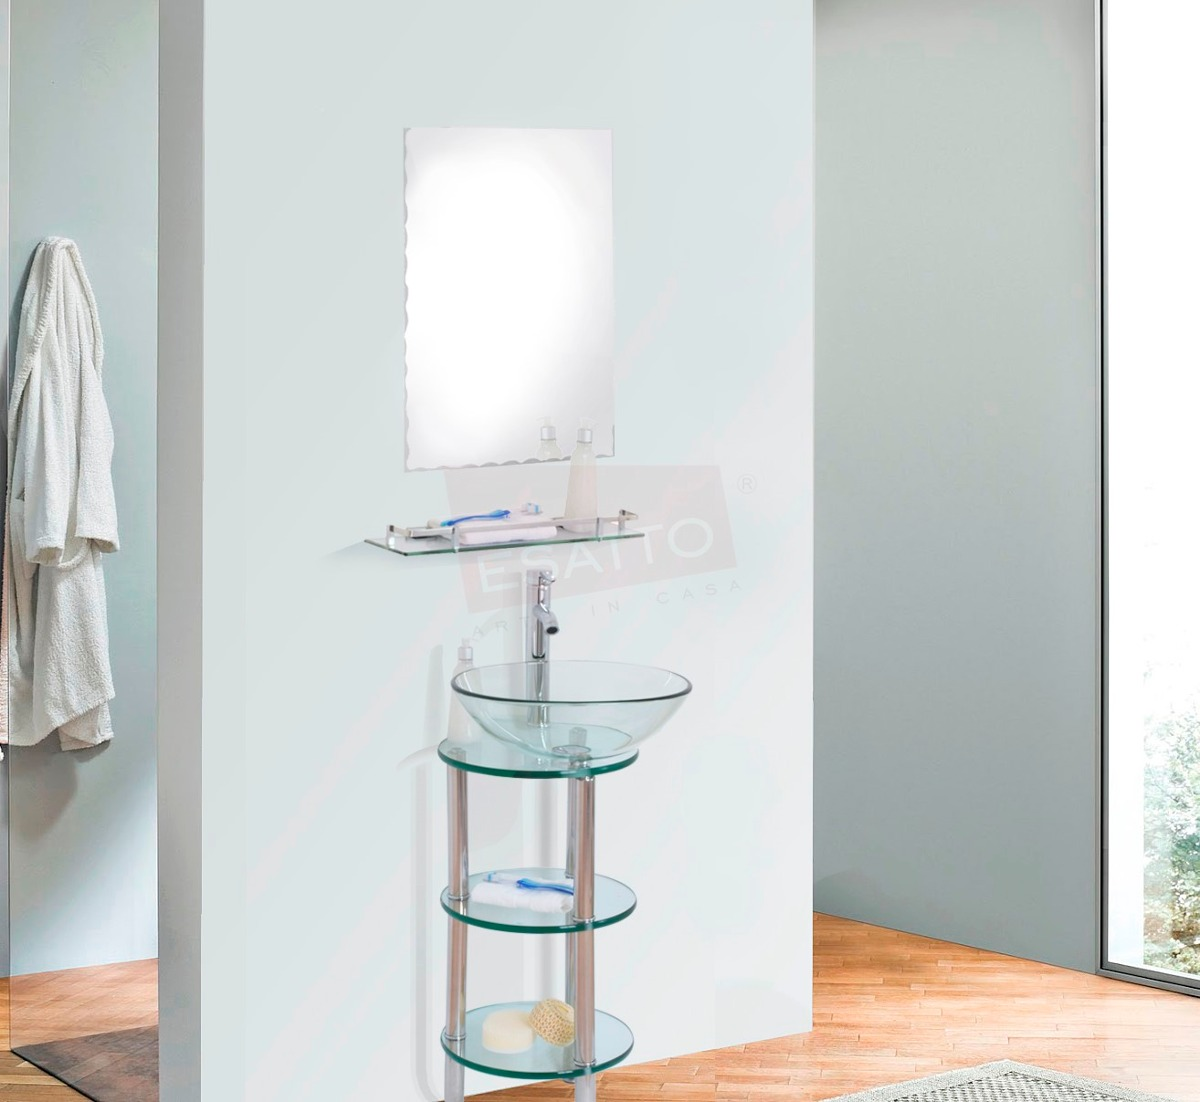 Esatto Mueble Baño Lavabo Cristal Espejo Repisa Mv 002 Plus